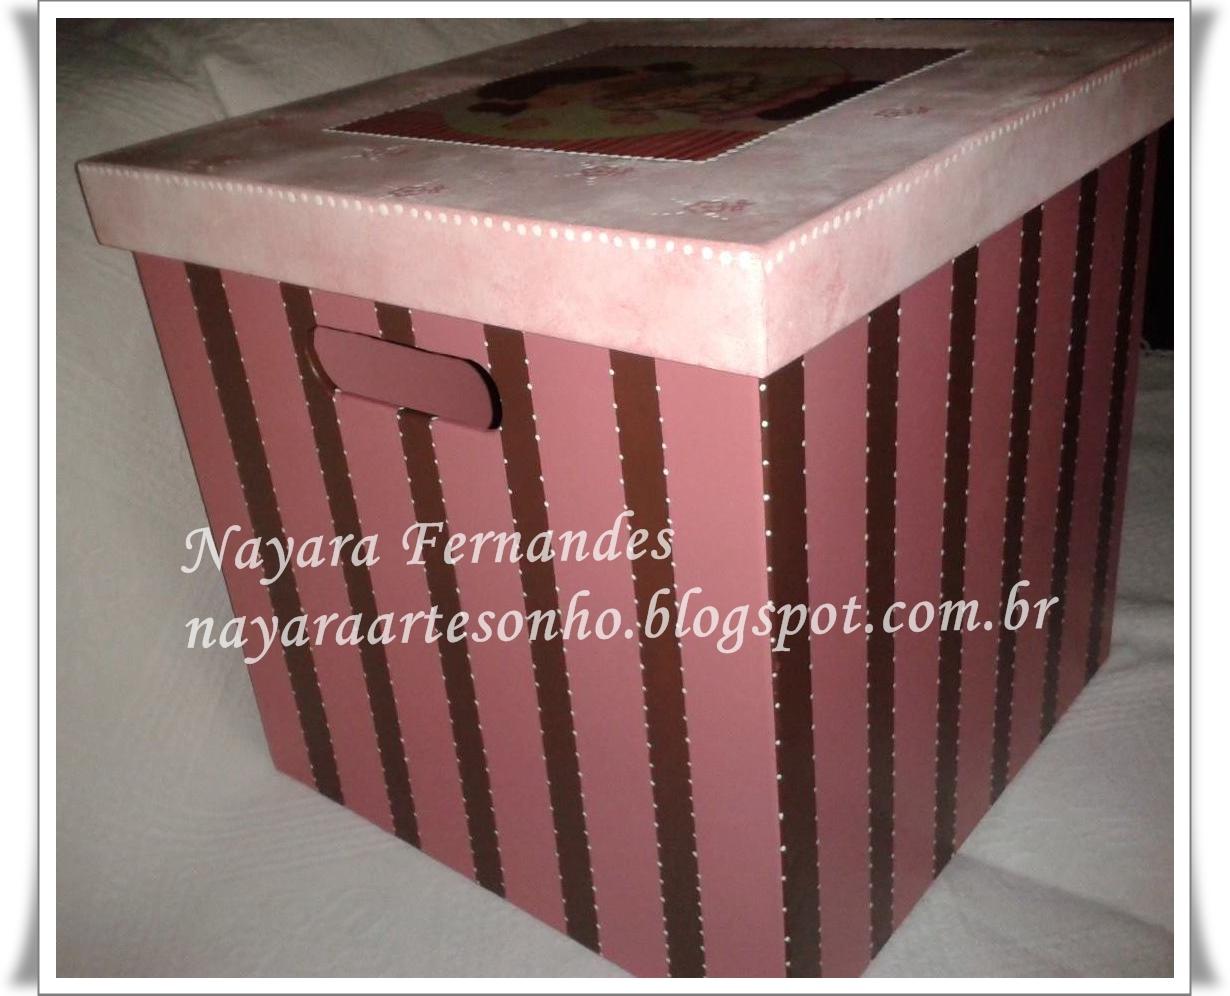 Nayara artesonho: Caixa de brinquedo em mdf menina com seu urso ! #864548 1230x996